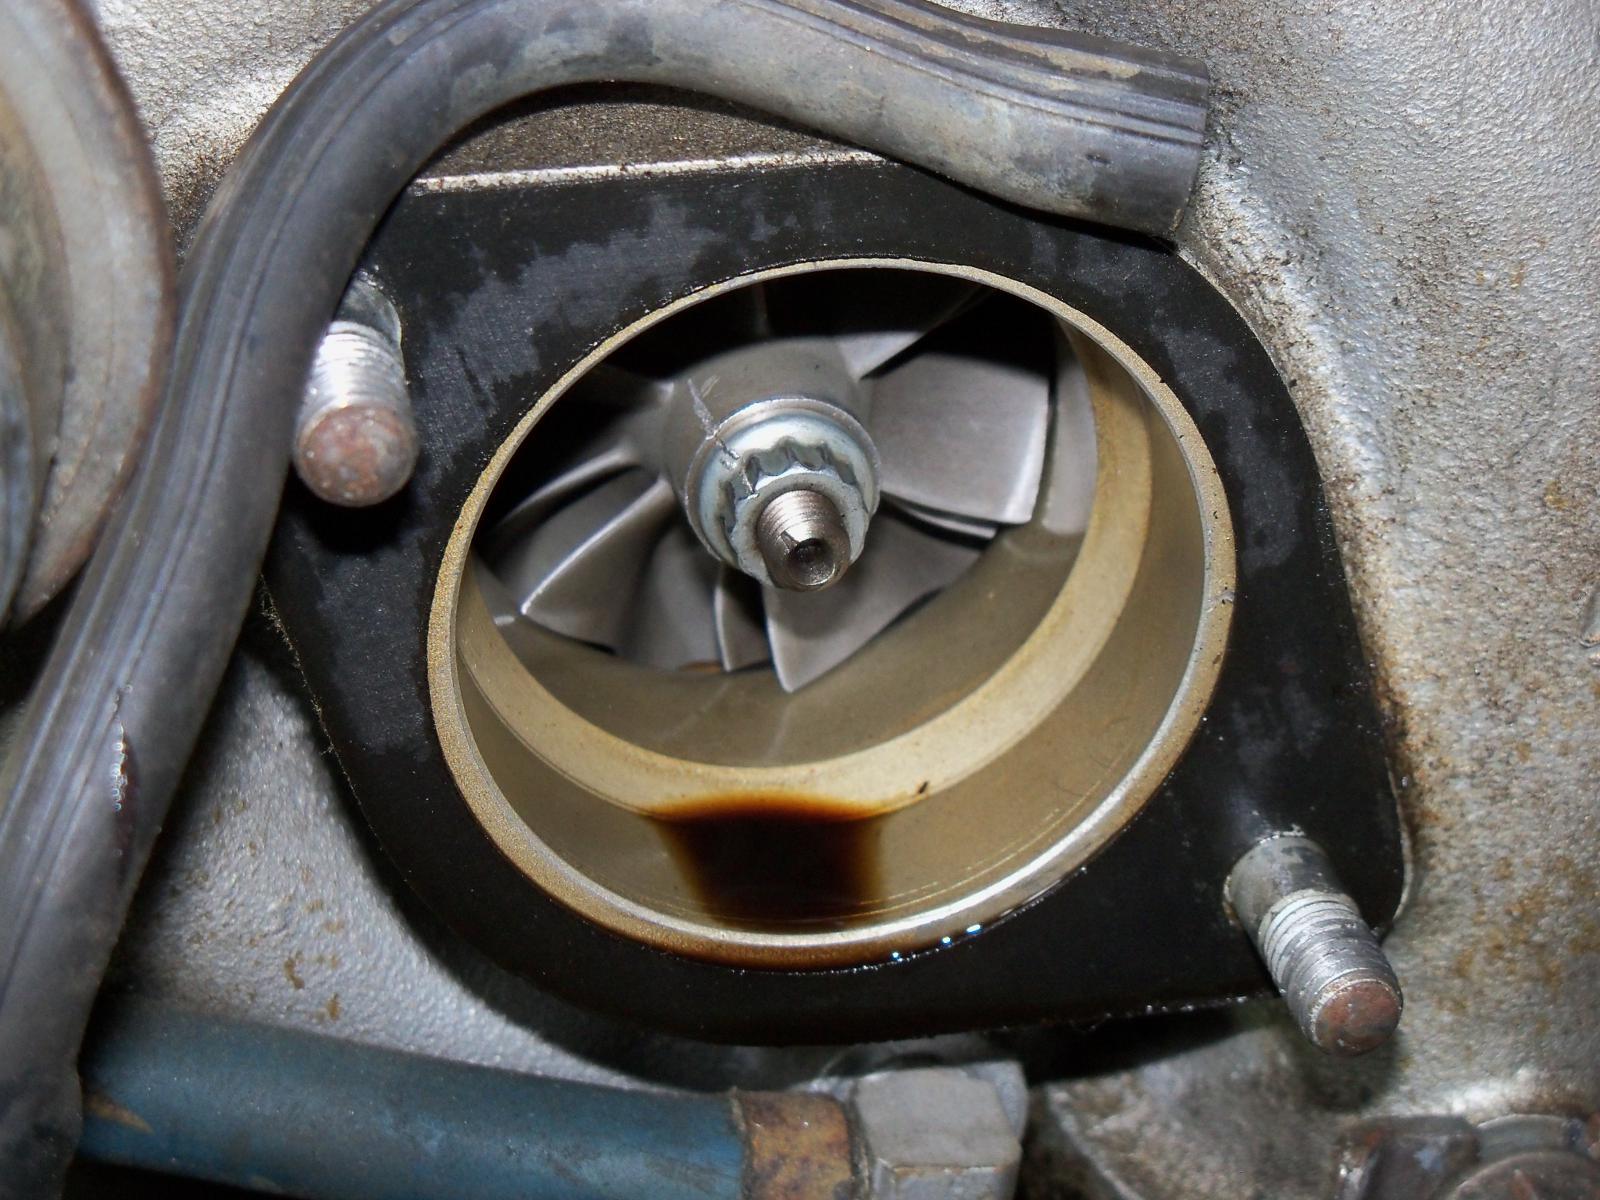 Oil in Turbo - intake side - TurboBuicks com